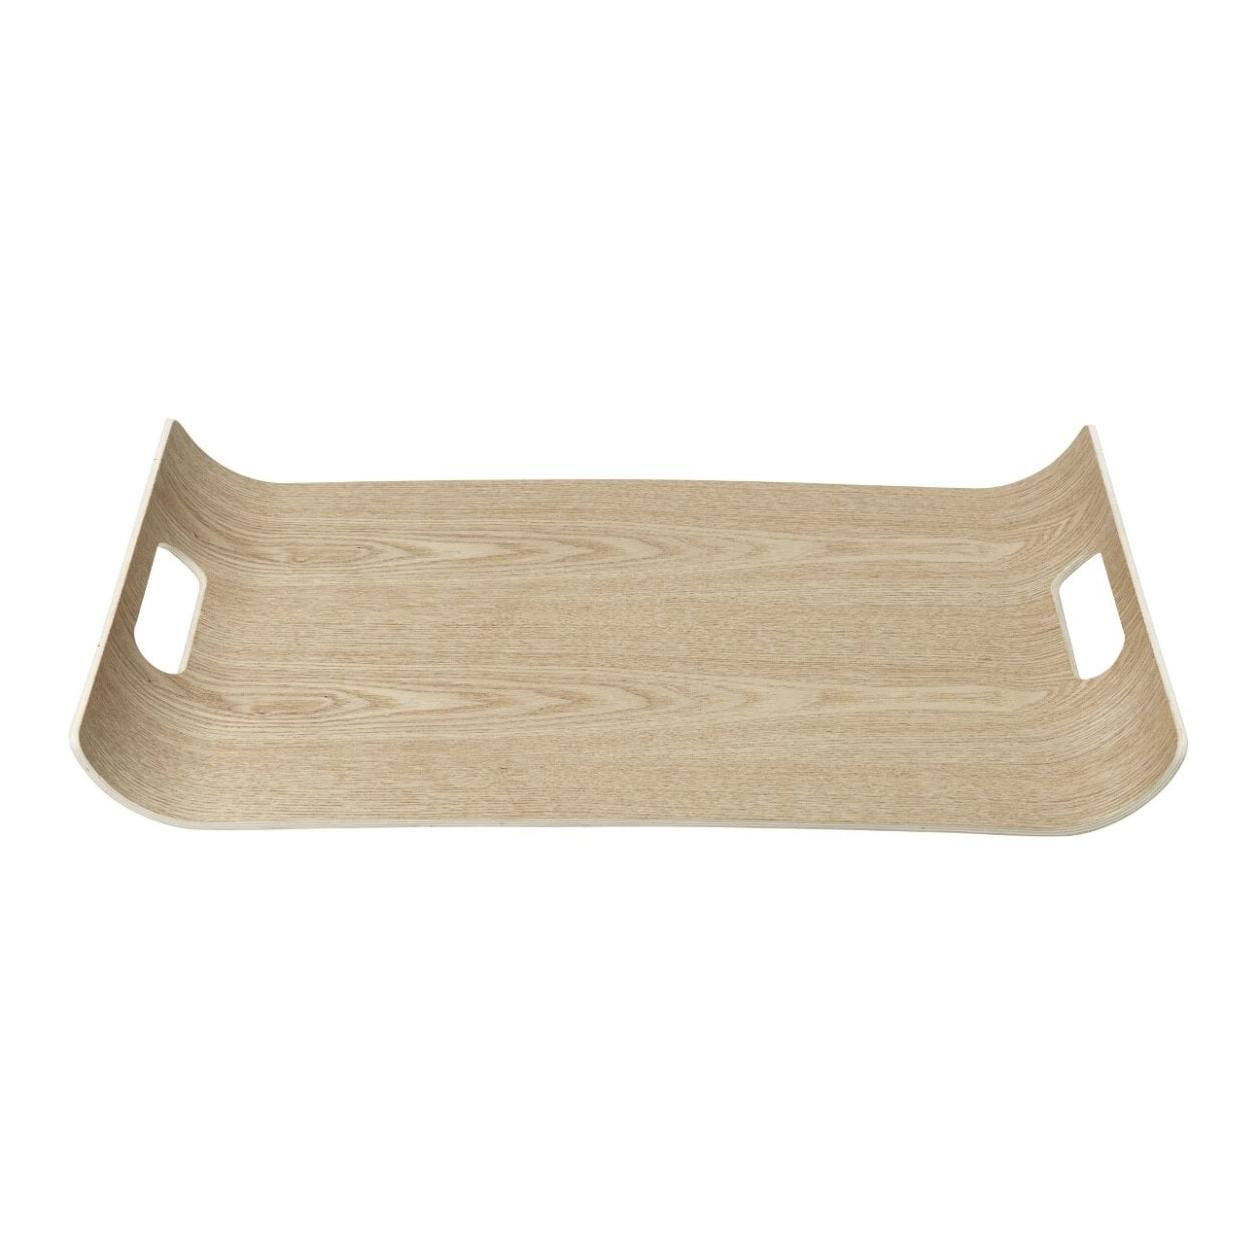 Dřevěný tác s vyvýšenými okraji WILO velký Blomus - Blomus Dřevěvý tác WILO 43x31 cm